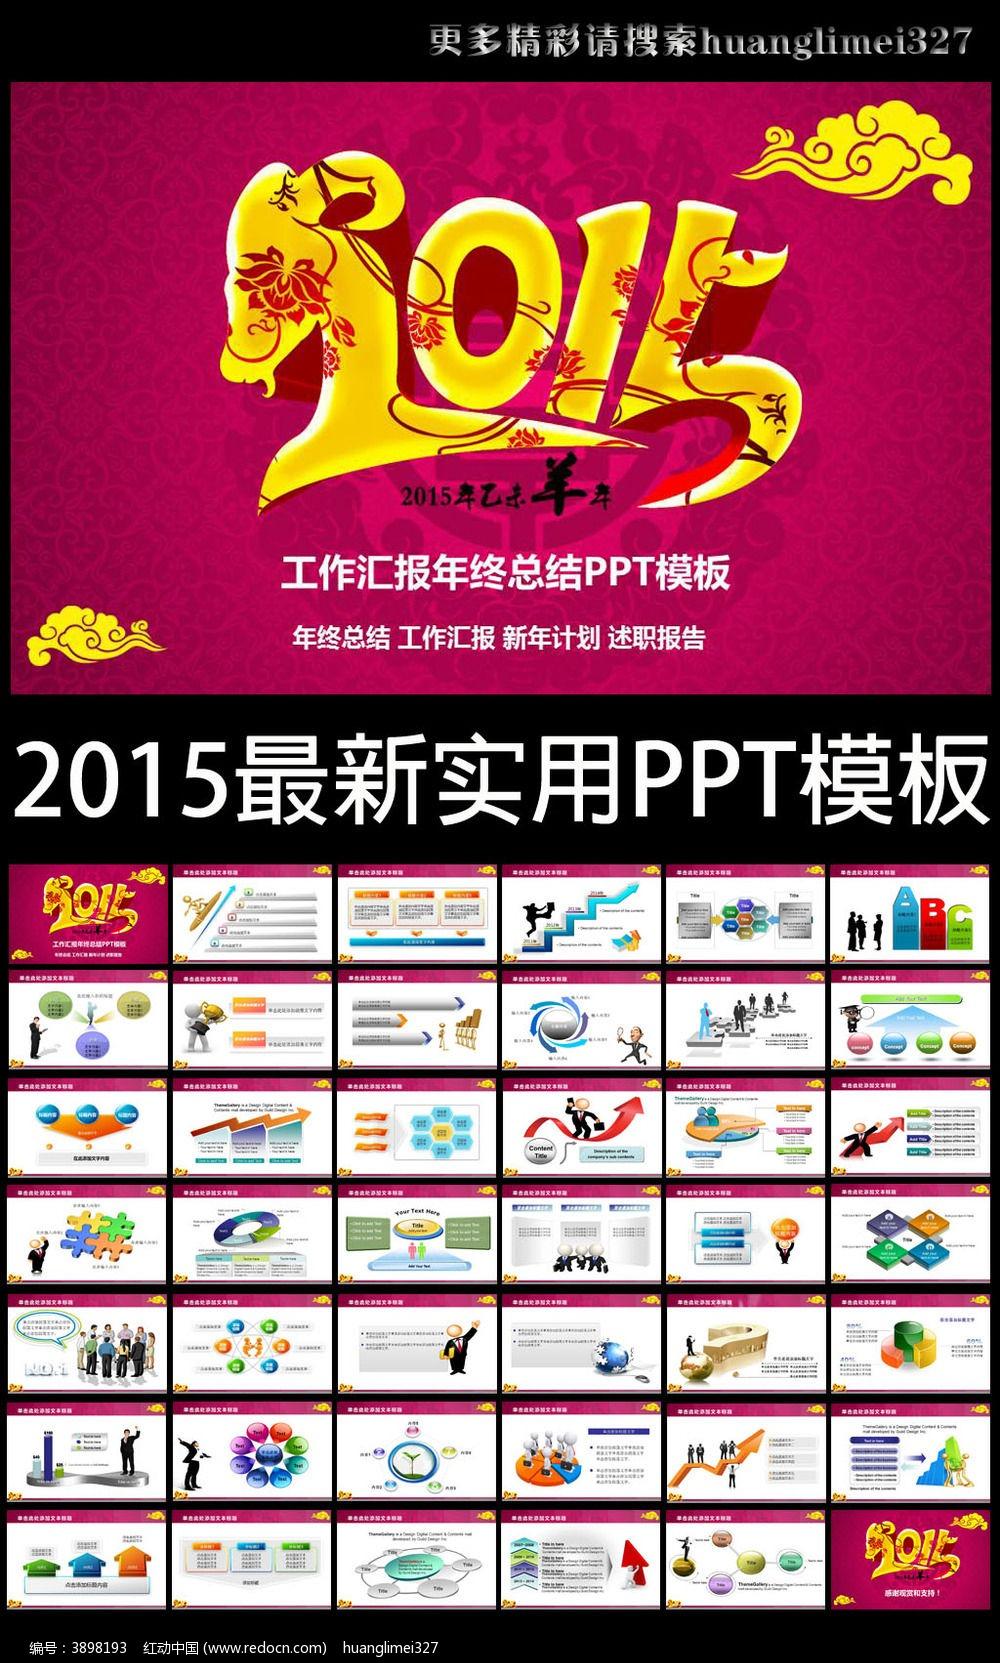 2015年会颁奖典礼总结计划PPT